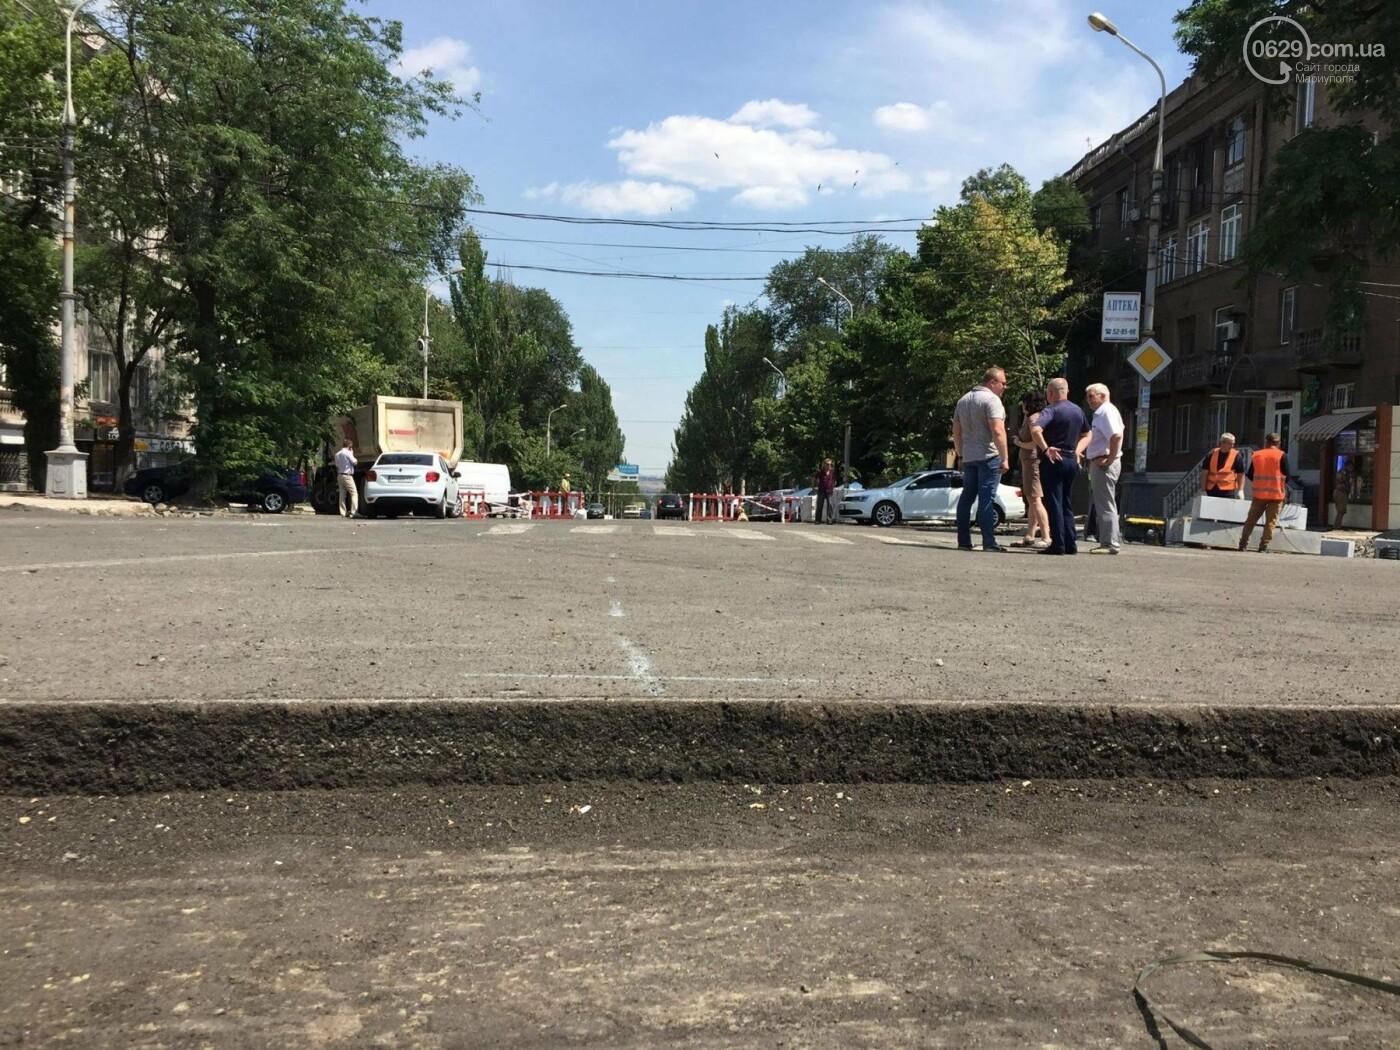 Дорога вокруг мариупольского драмтеатра будет закрыта еще минимум три недели, -ФОТО, ВИДЕО, фото-2